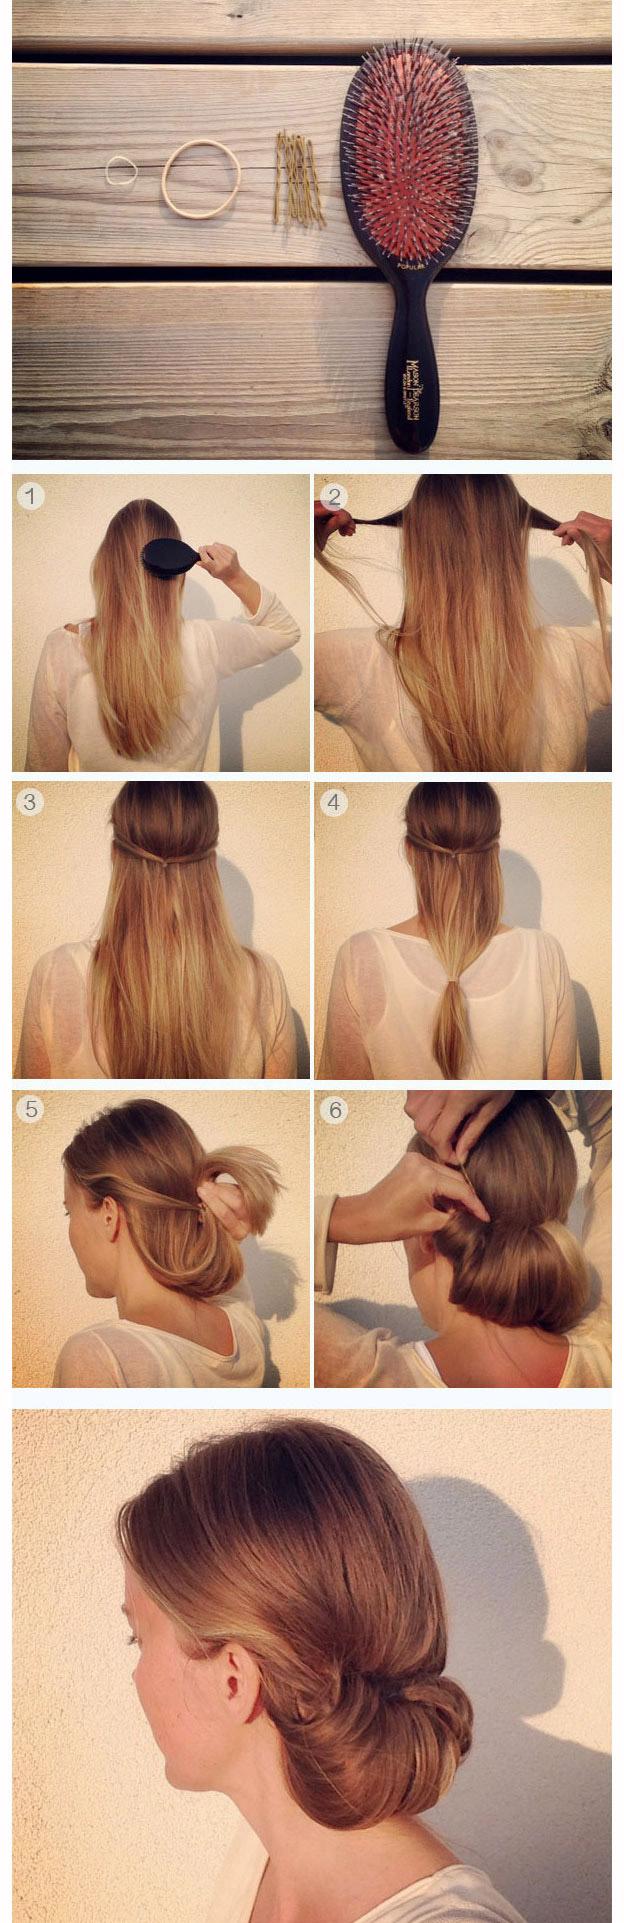 Как быстро красиво сделать длинные волосы